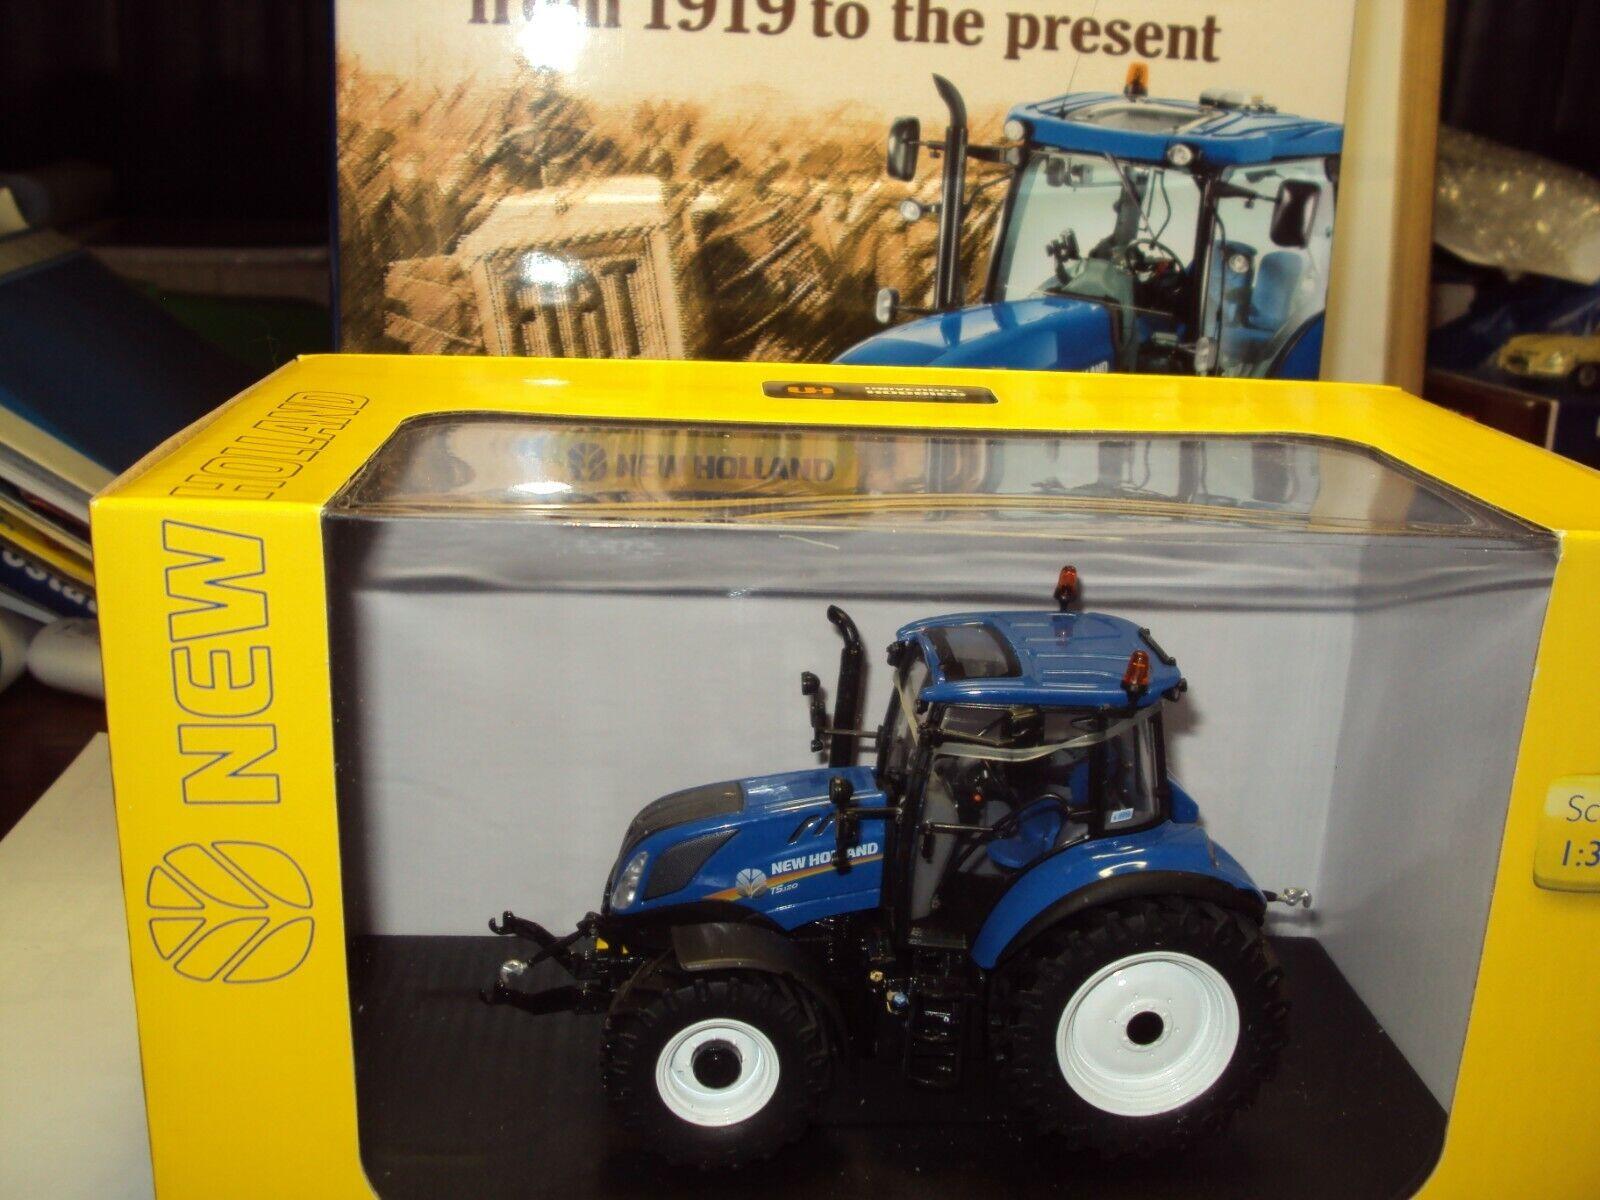 Livre FIAT tracteurs 1919-Present & UH4957 1 32 T5.120 New Holland Tracteur Modèle